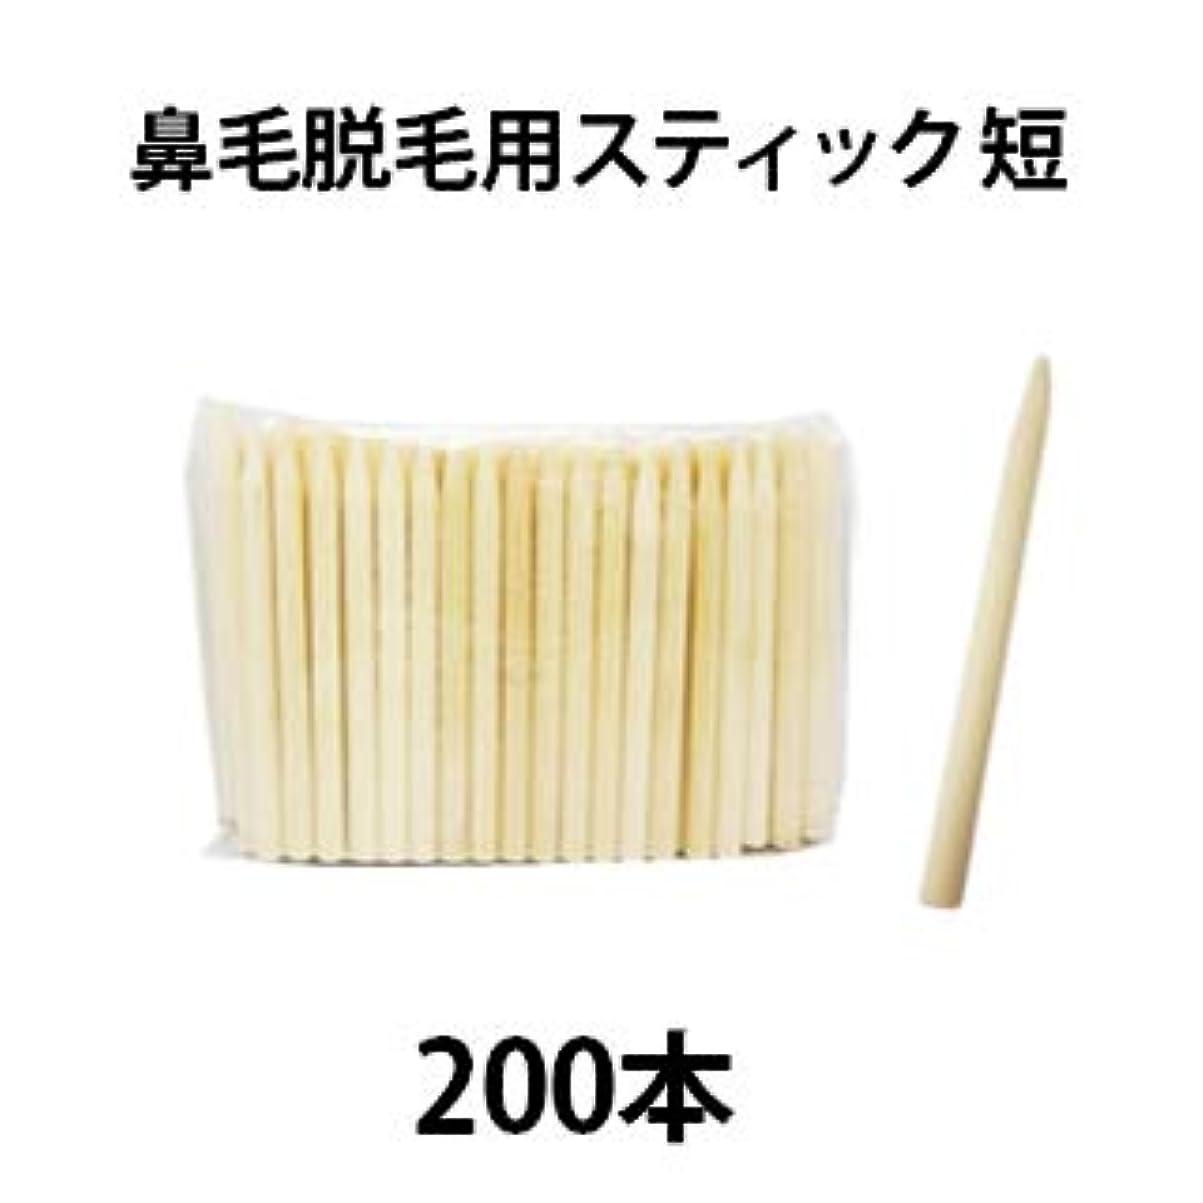 布ミルク機関車【短 鼻毛脱毛】ウッドスティック 短 200本 75mm